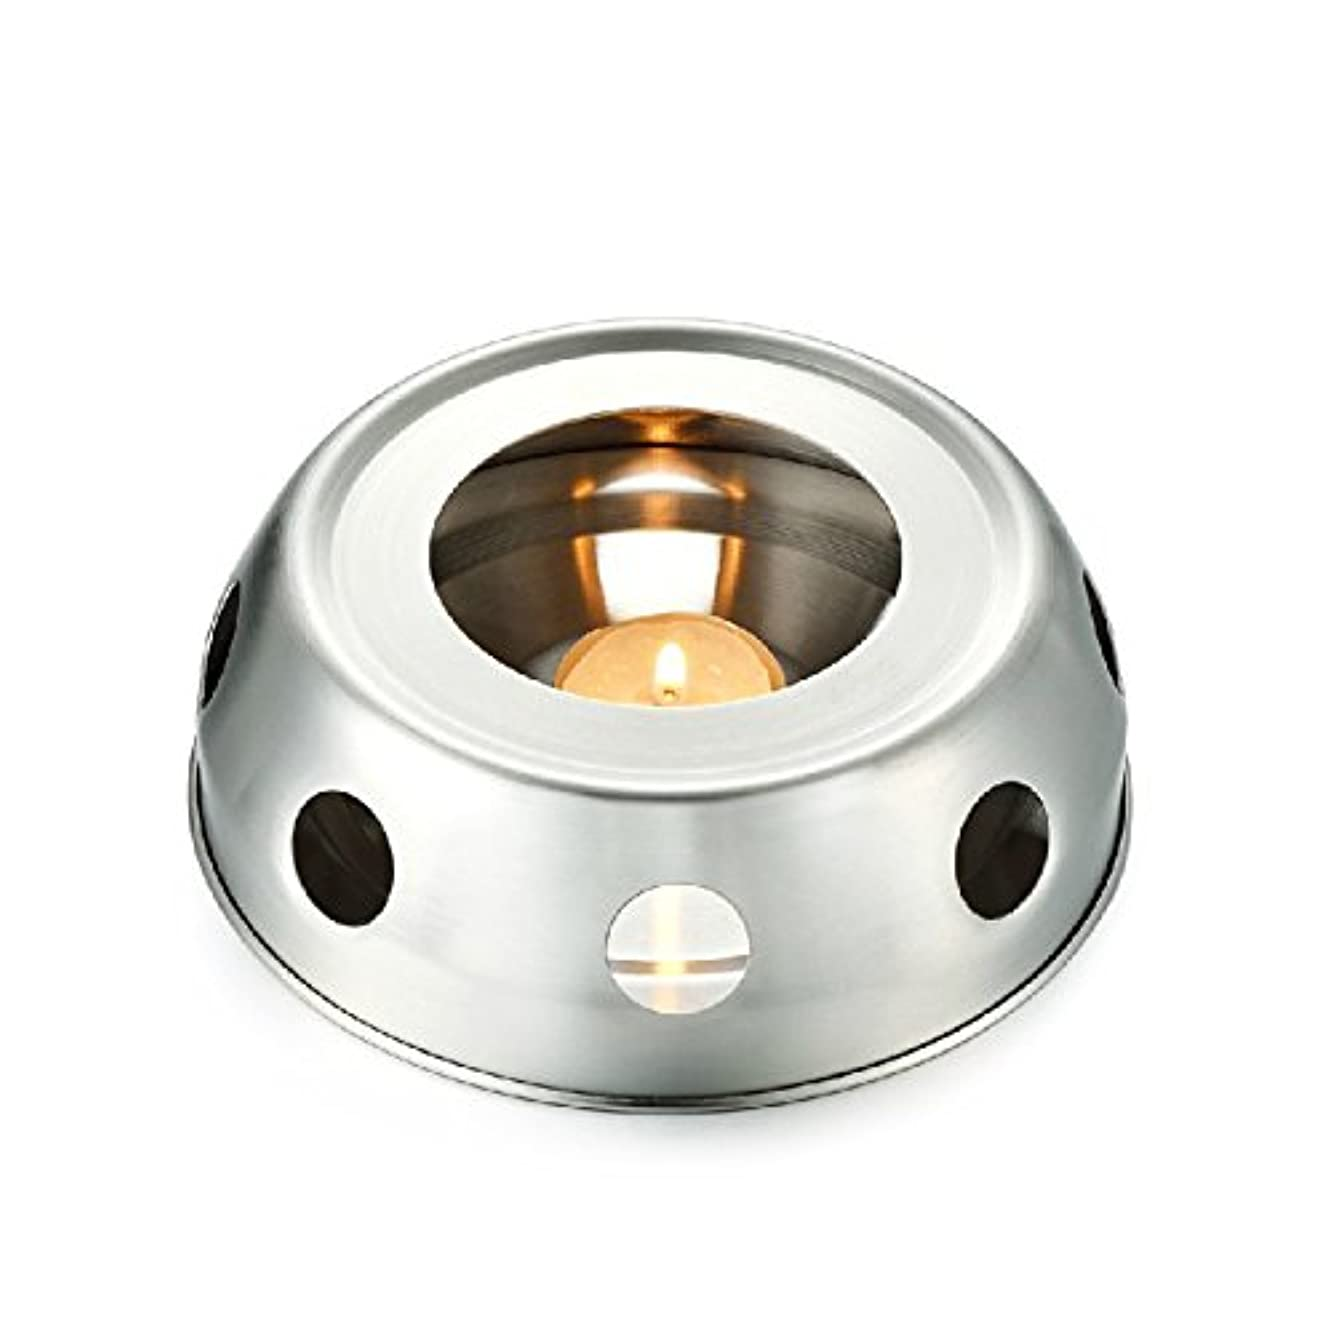 層集団的暴君funnytoday365 Teaヒーター暖房のティーポットincenseplate Essencial OilステンレススチールFurnace Candleヒーターストーブ